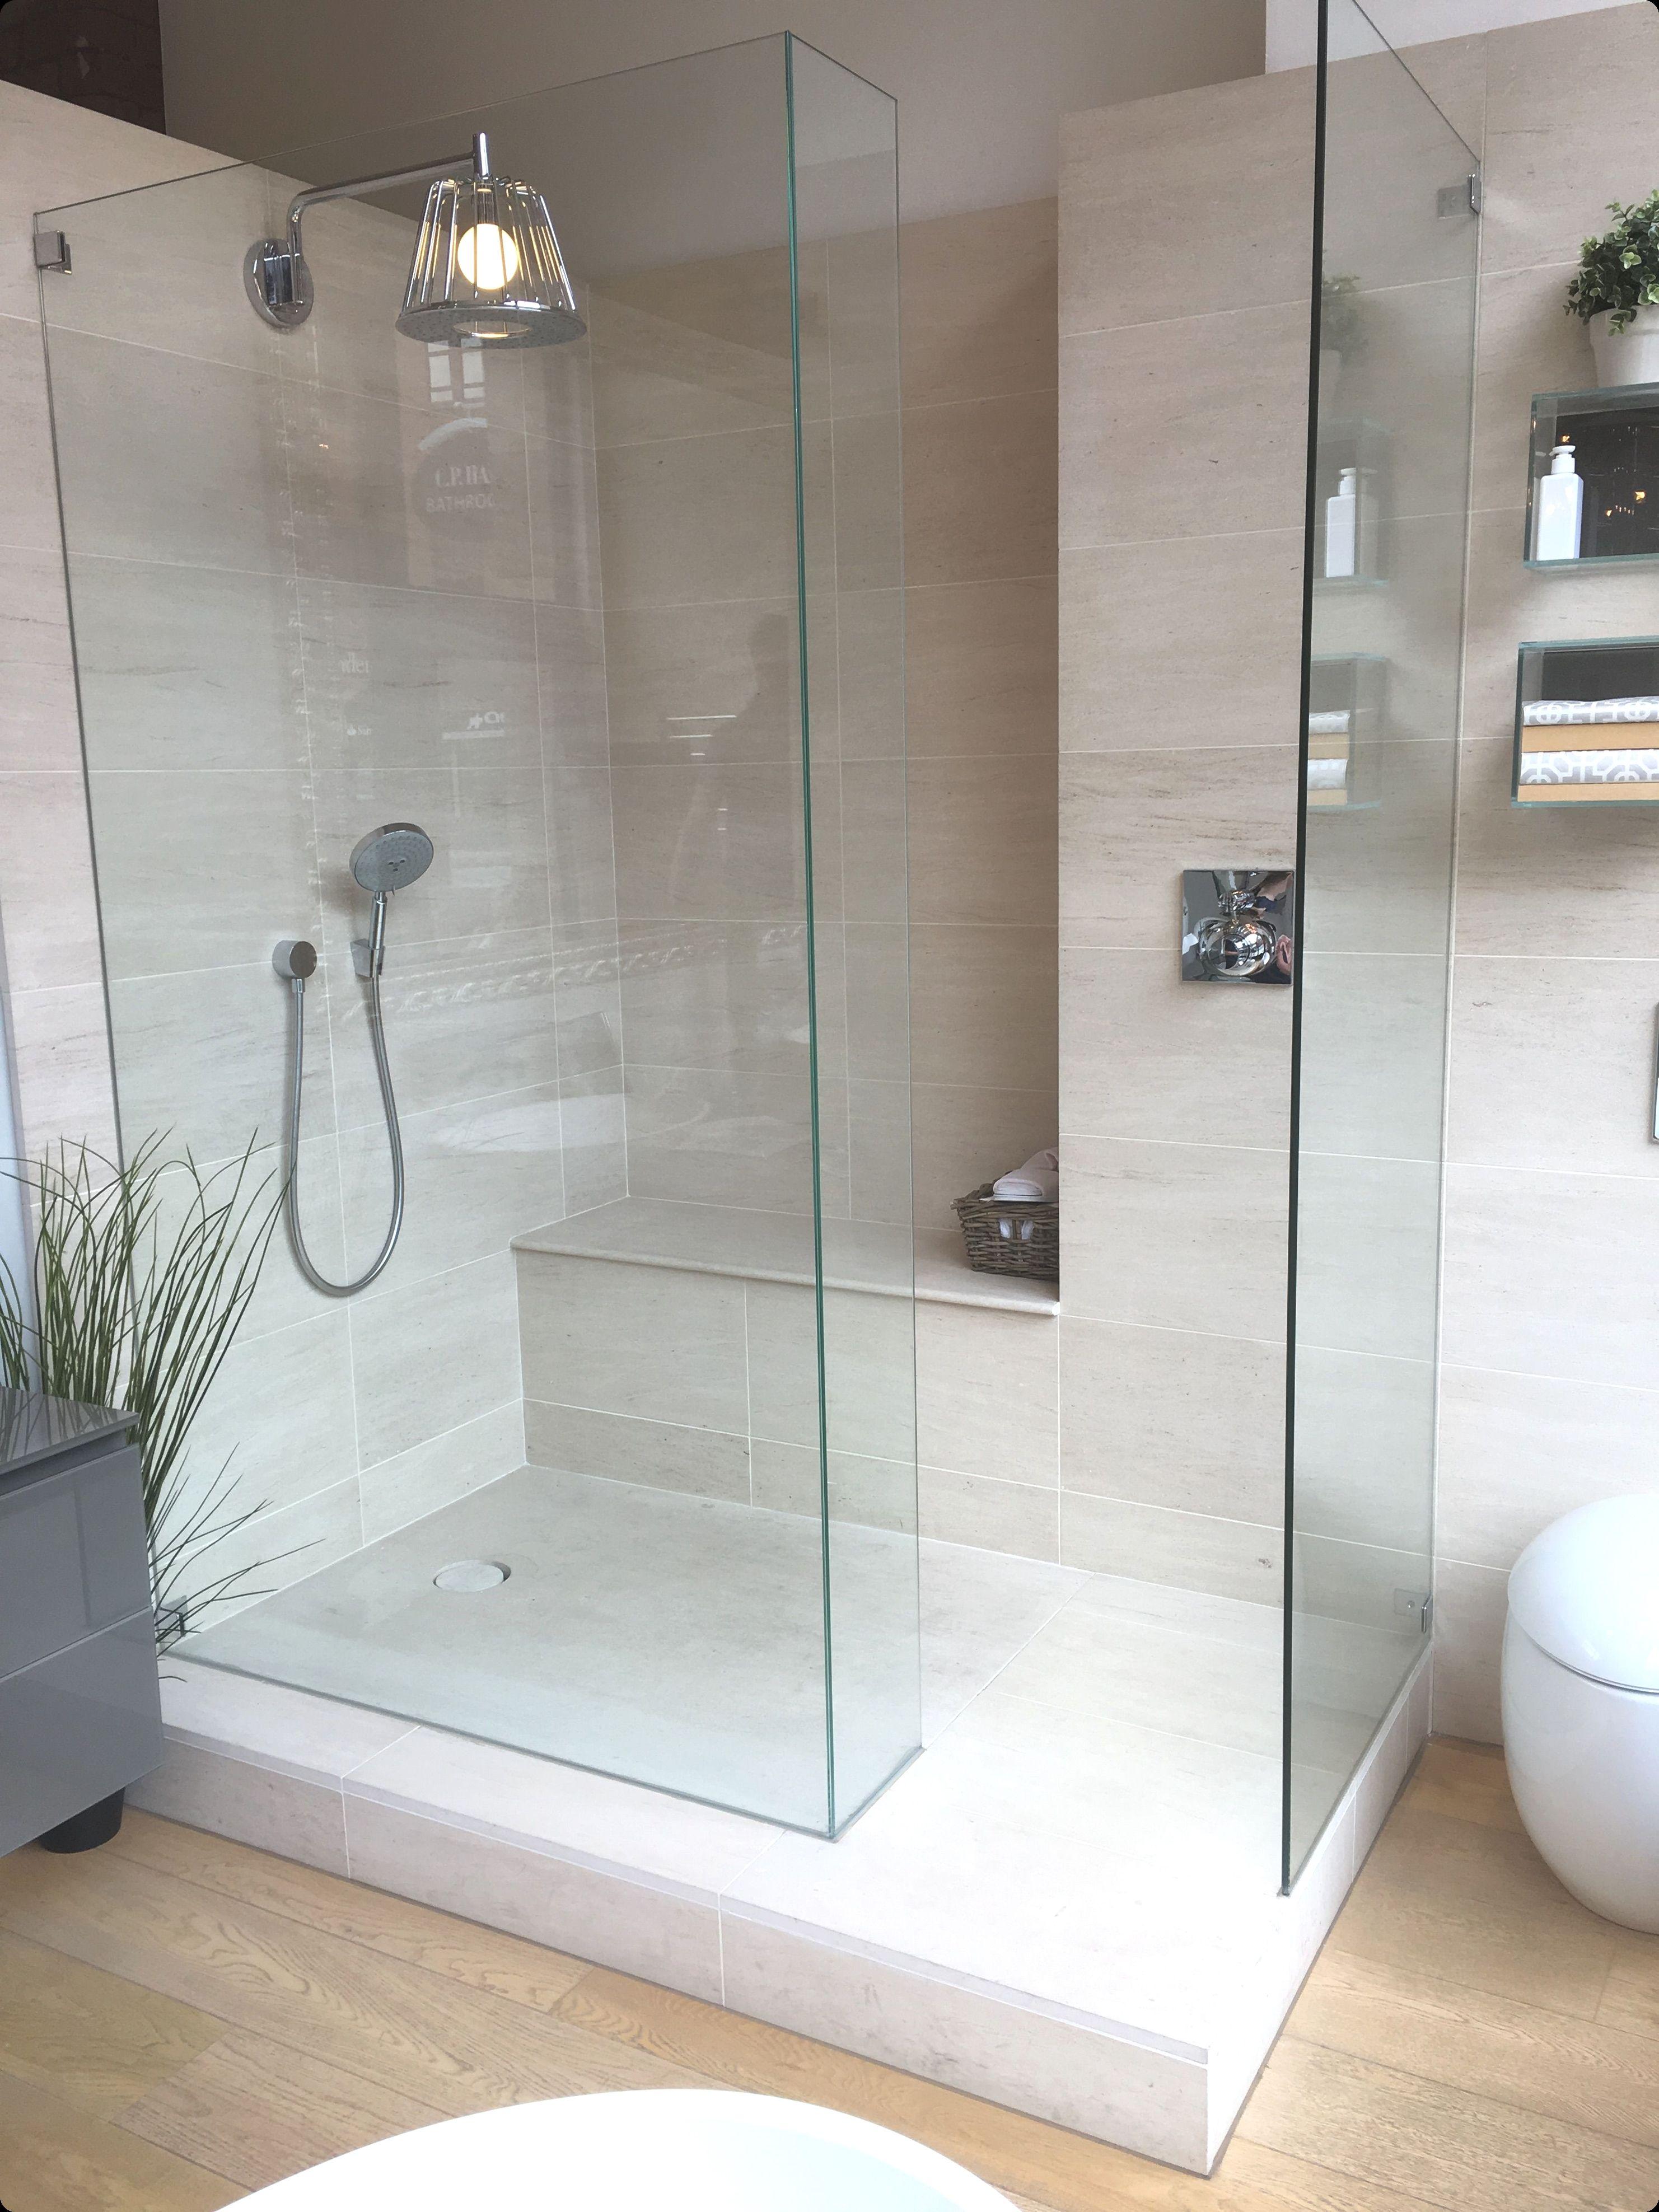 Bathroomtiles Cheap Bathroom Remodel Bathroom Interior Bathroom Remodel Master